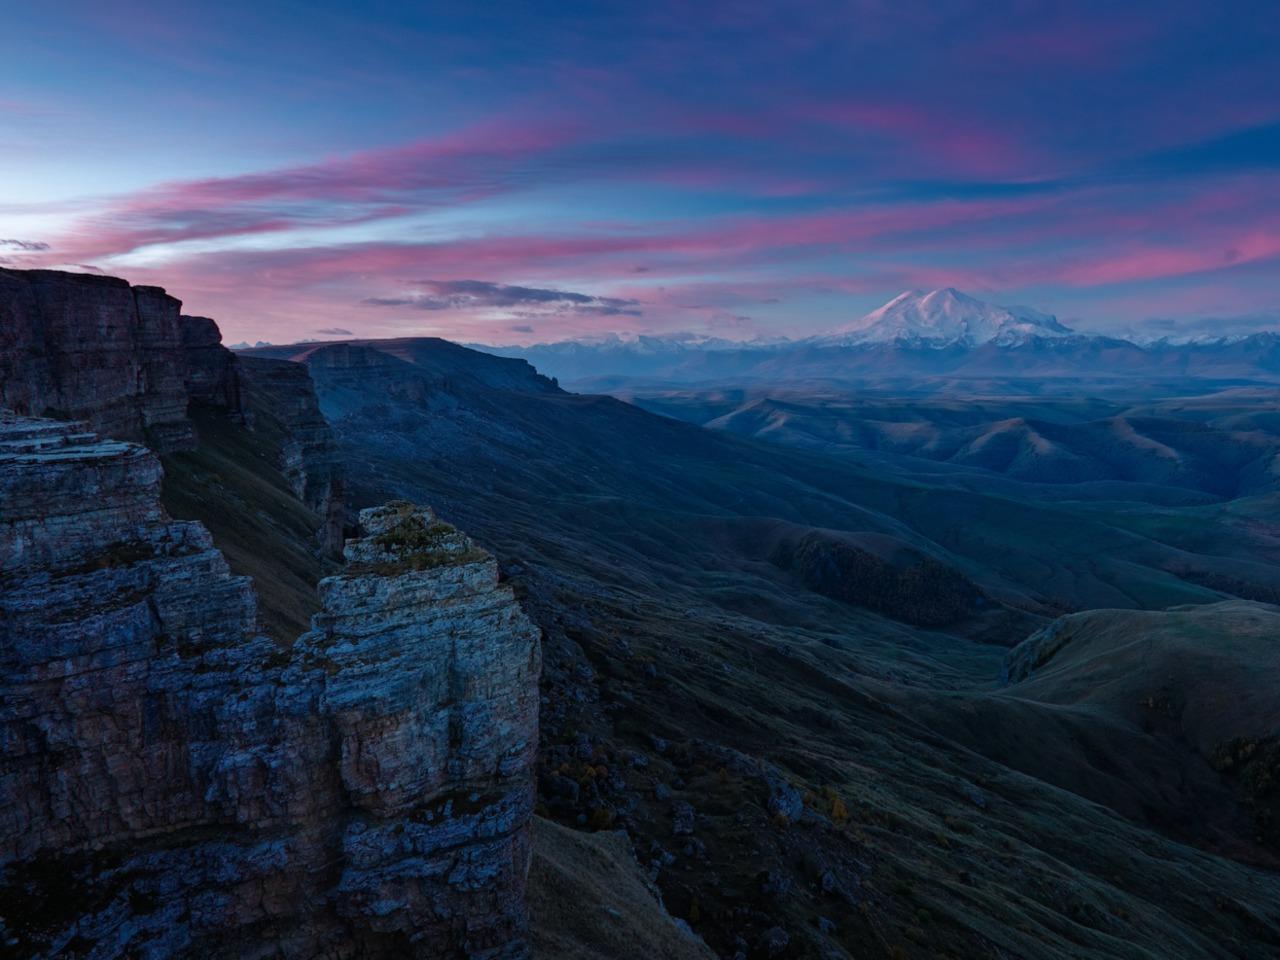 Невероятный рассвет на плато Бермамыт - групповая экскурсия в Кисловодске от опытного гида